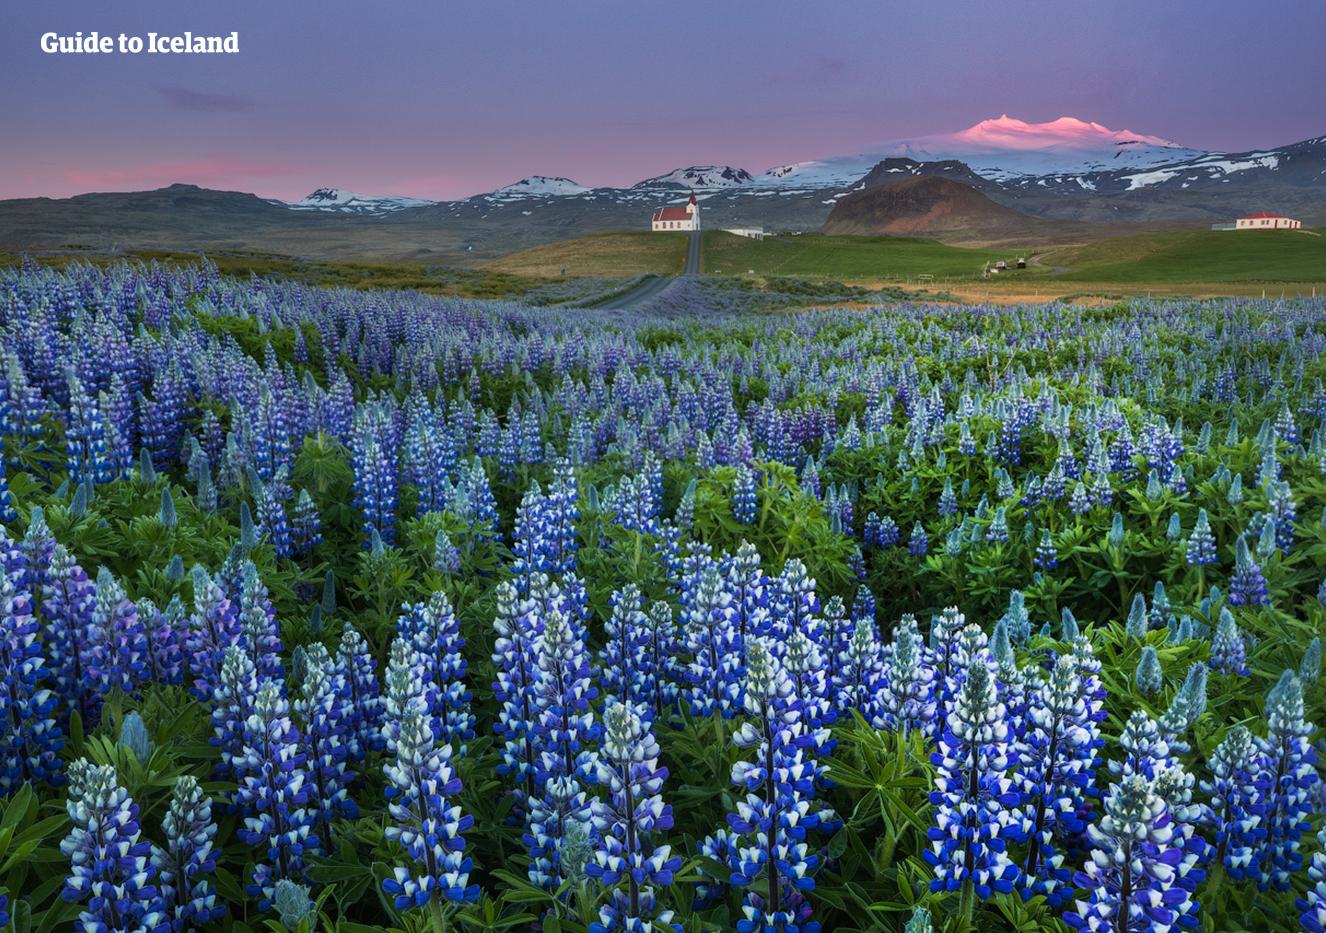 夏季时冰岛西部的斯奈山半岛上鲁冰花盛放